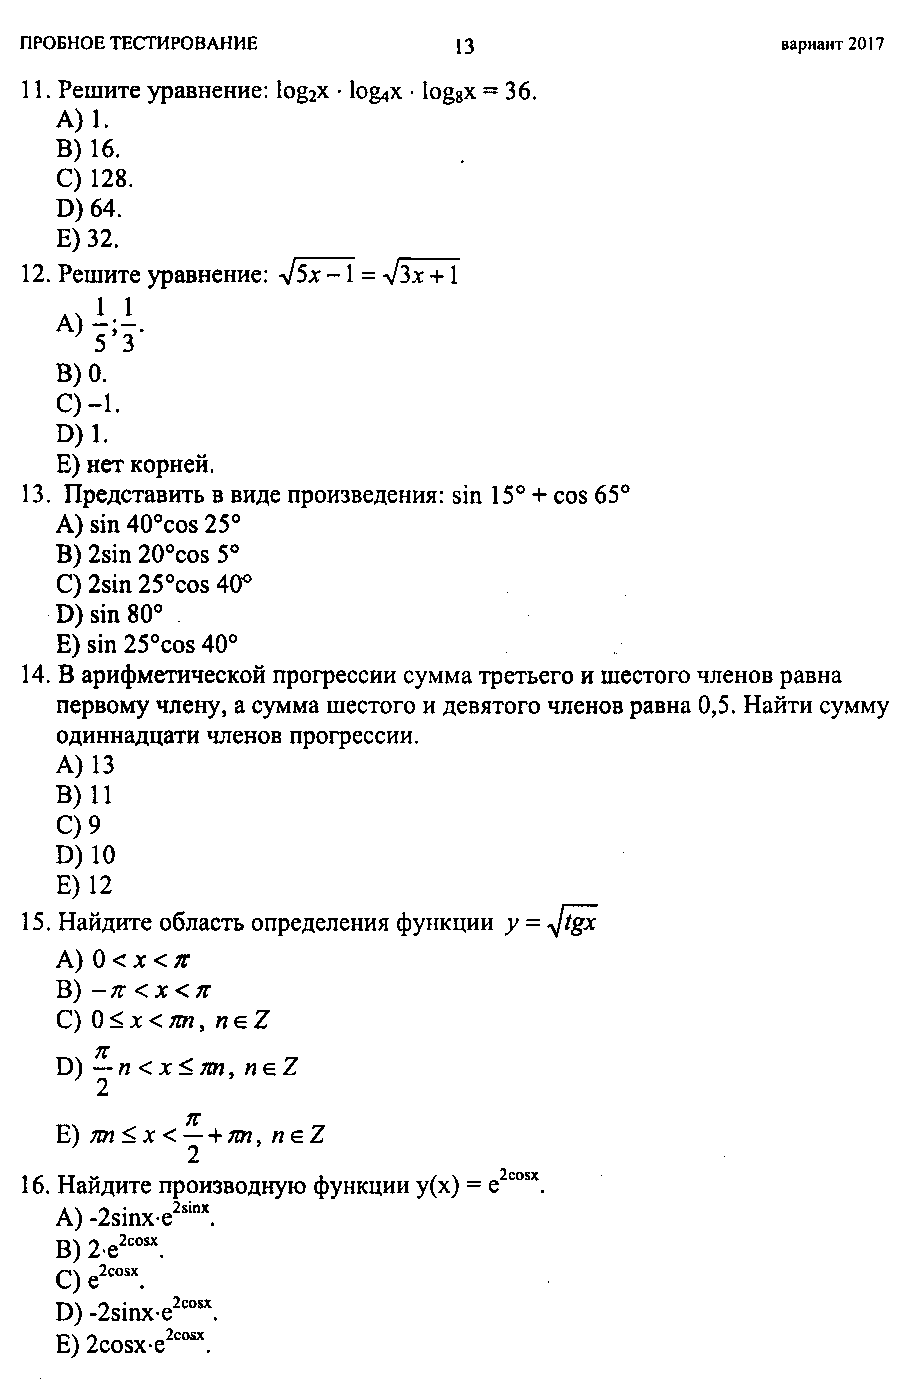 сканирование004